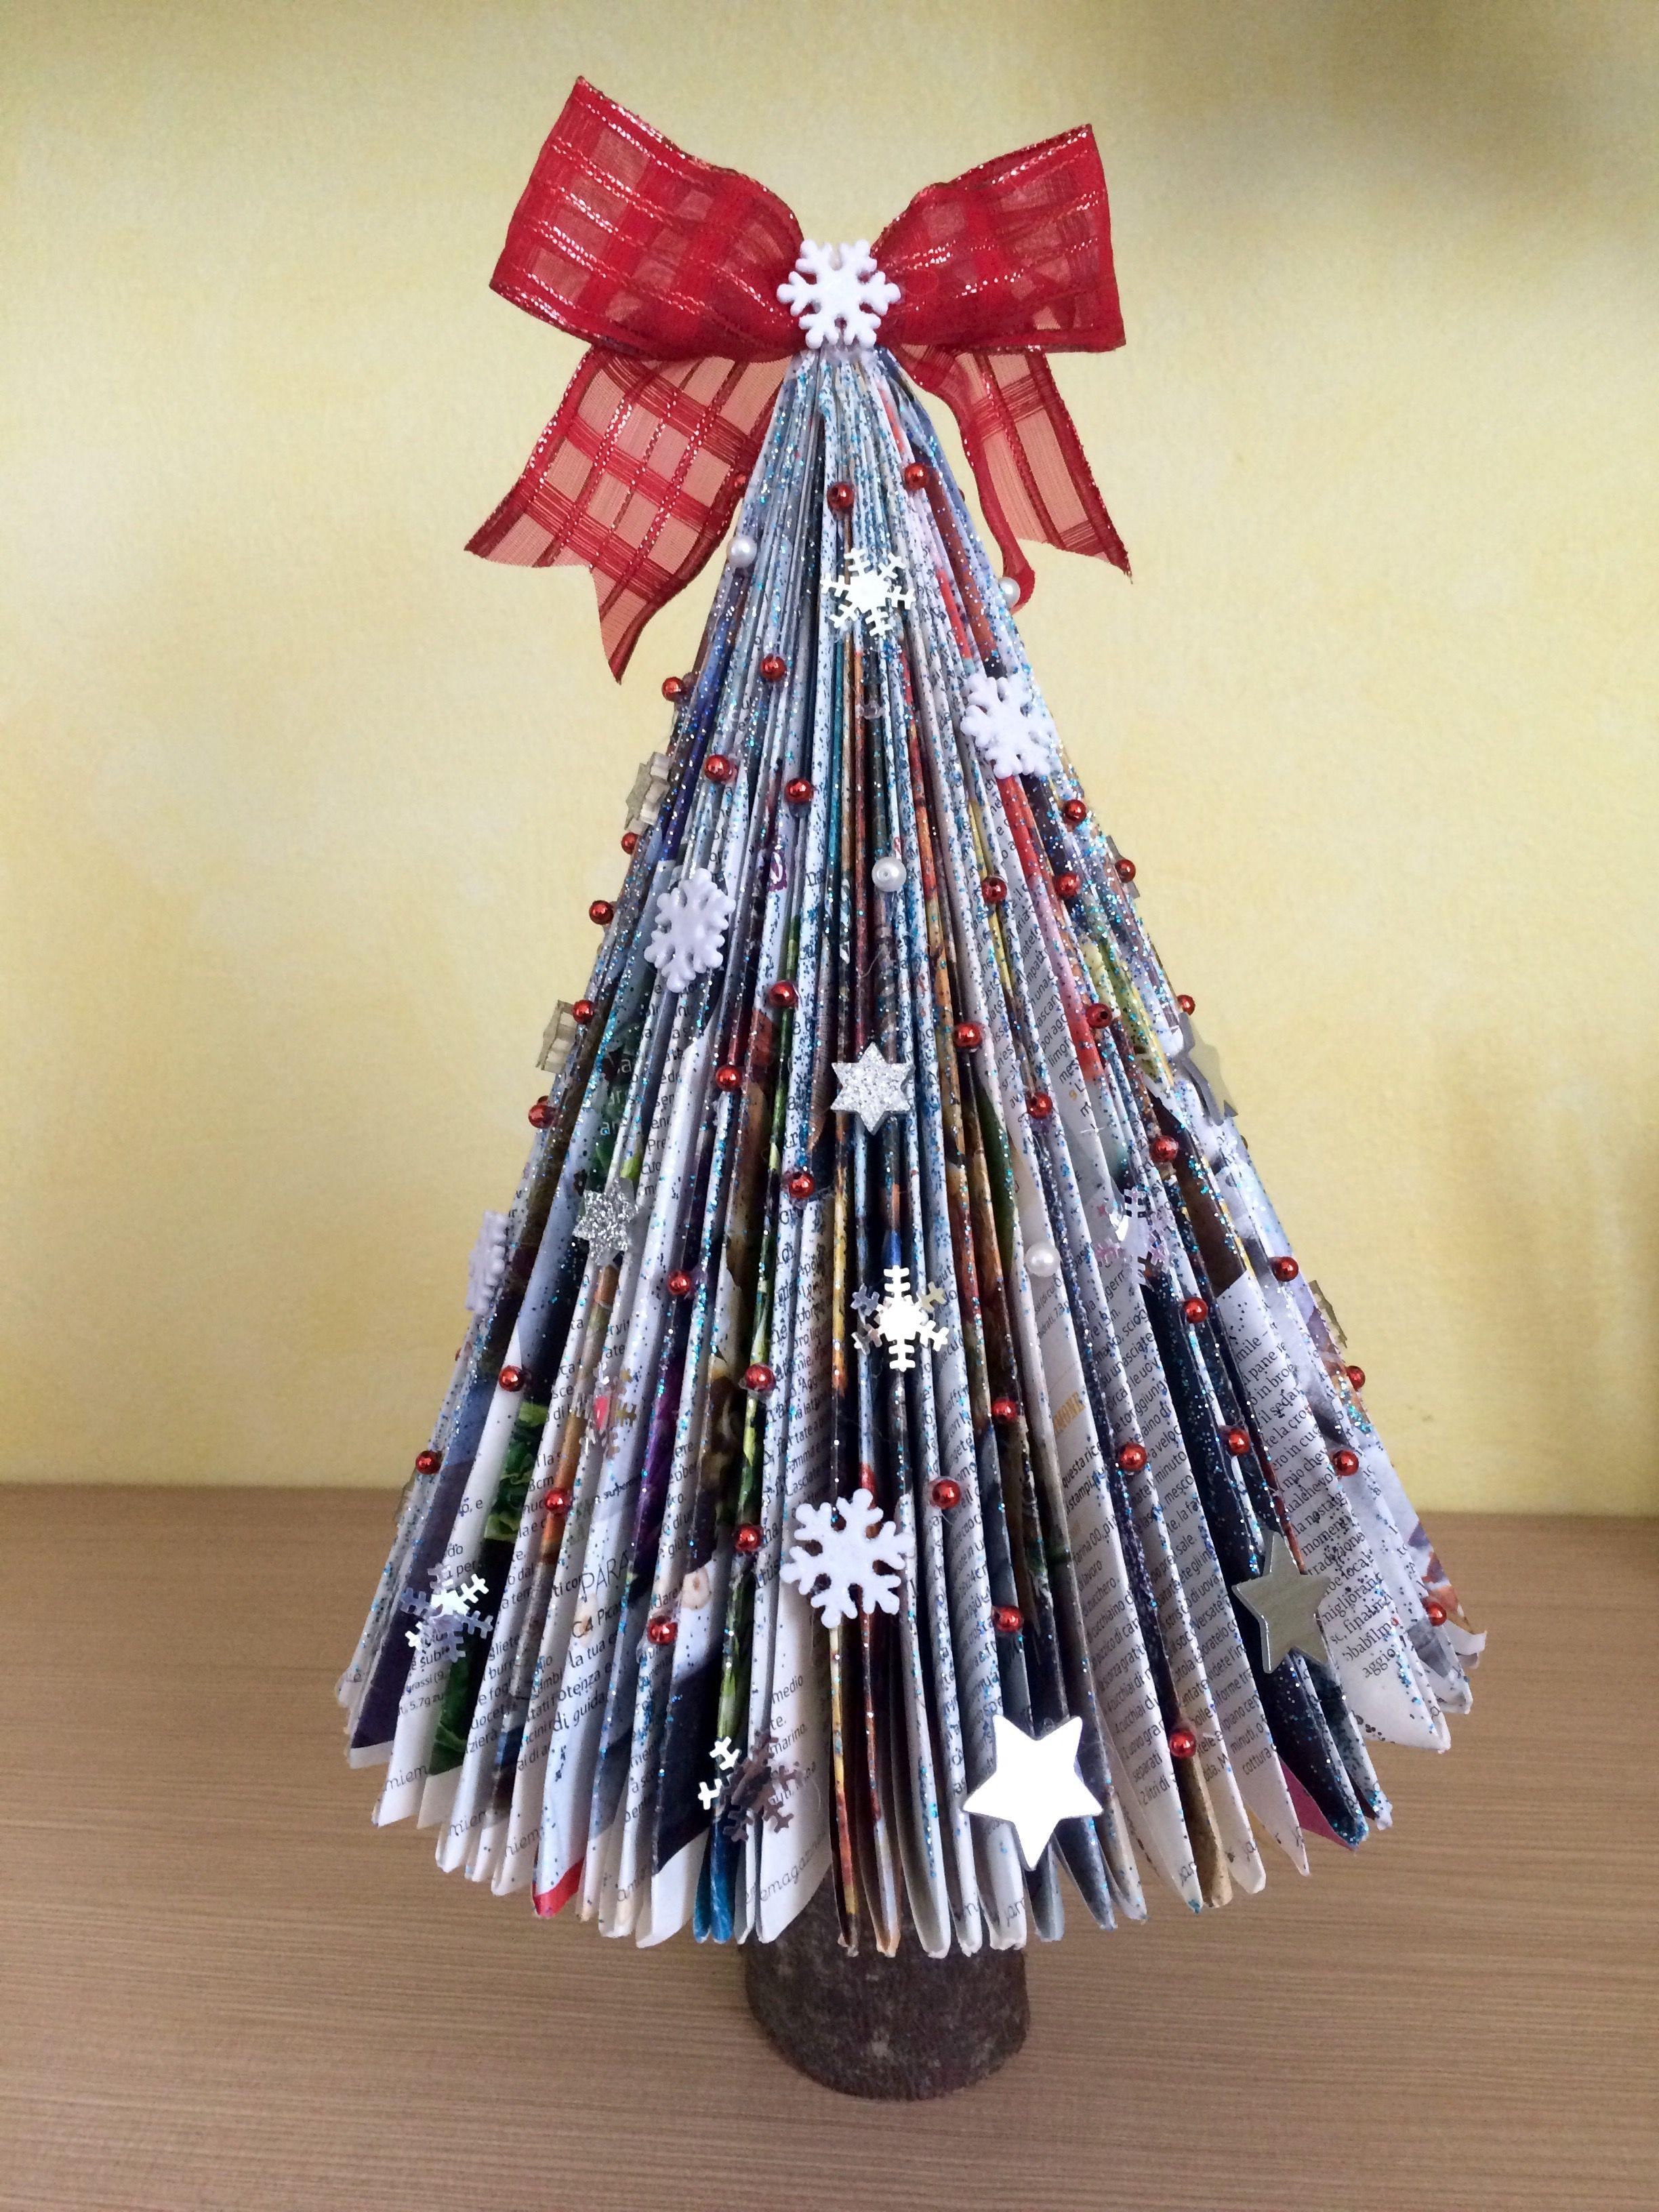 Decorazioni Natalizie Con Carta Di Giornale.Albero Di Natale Con Giornale Natale Idee Di Natale Lavoretti Invernali